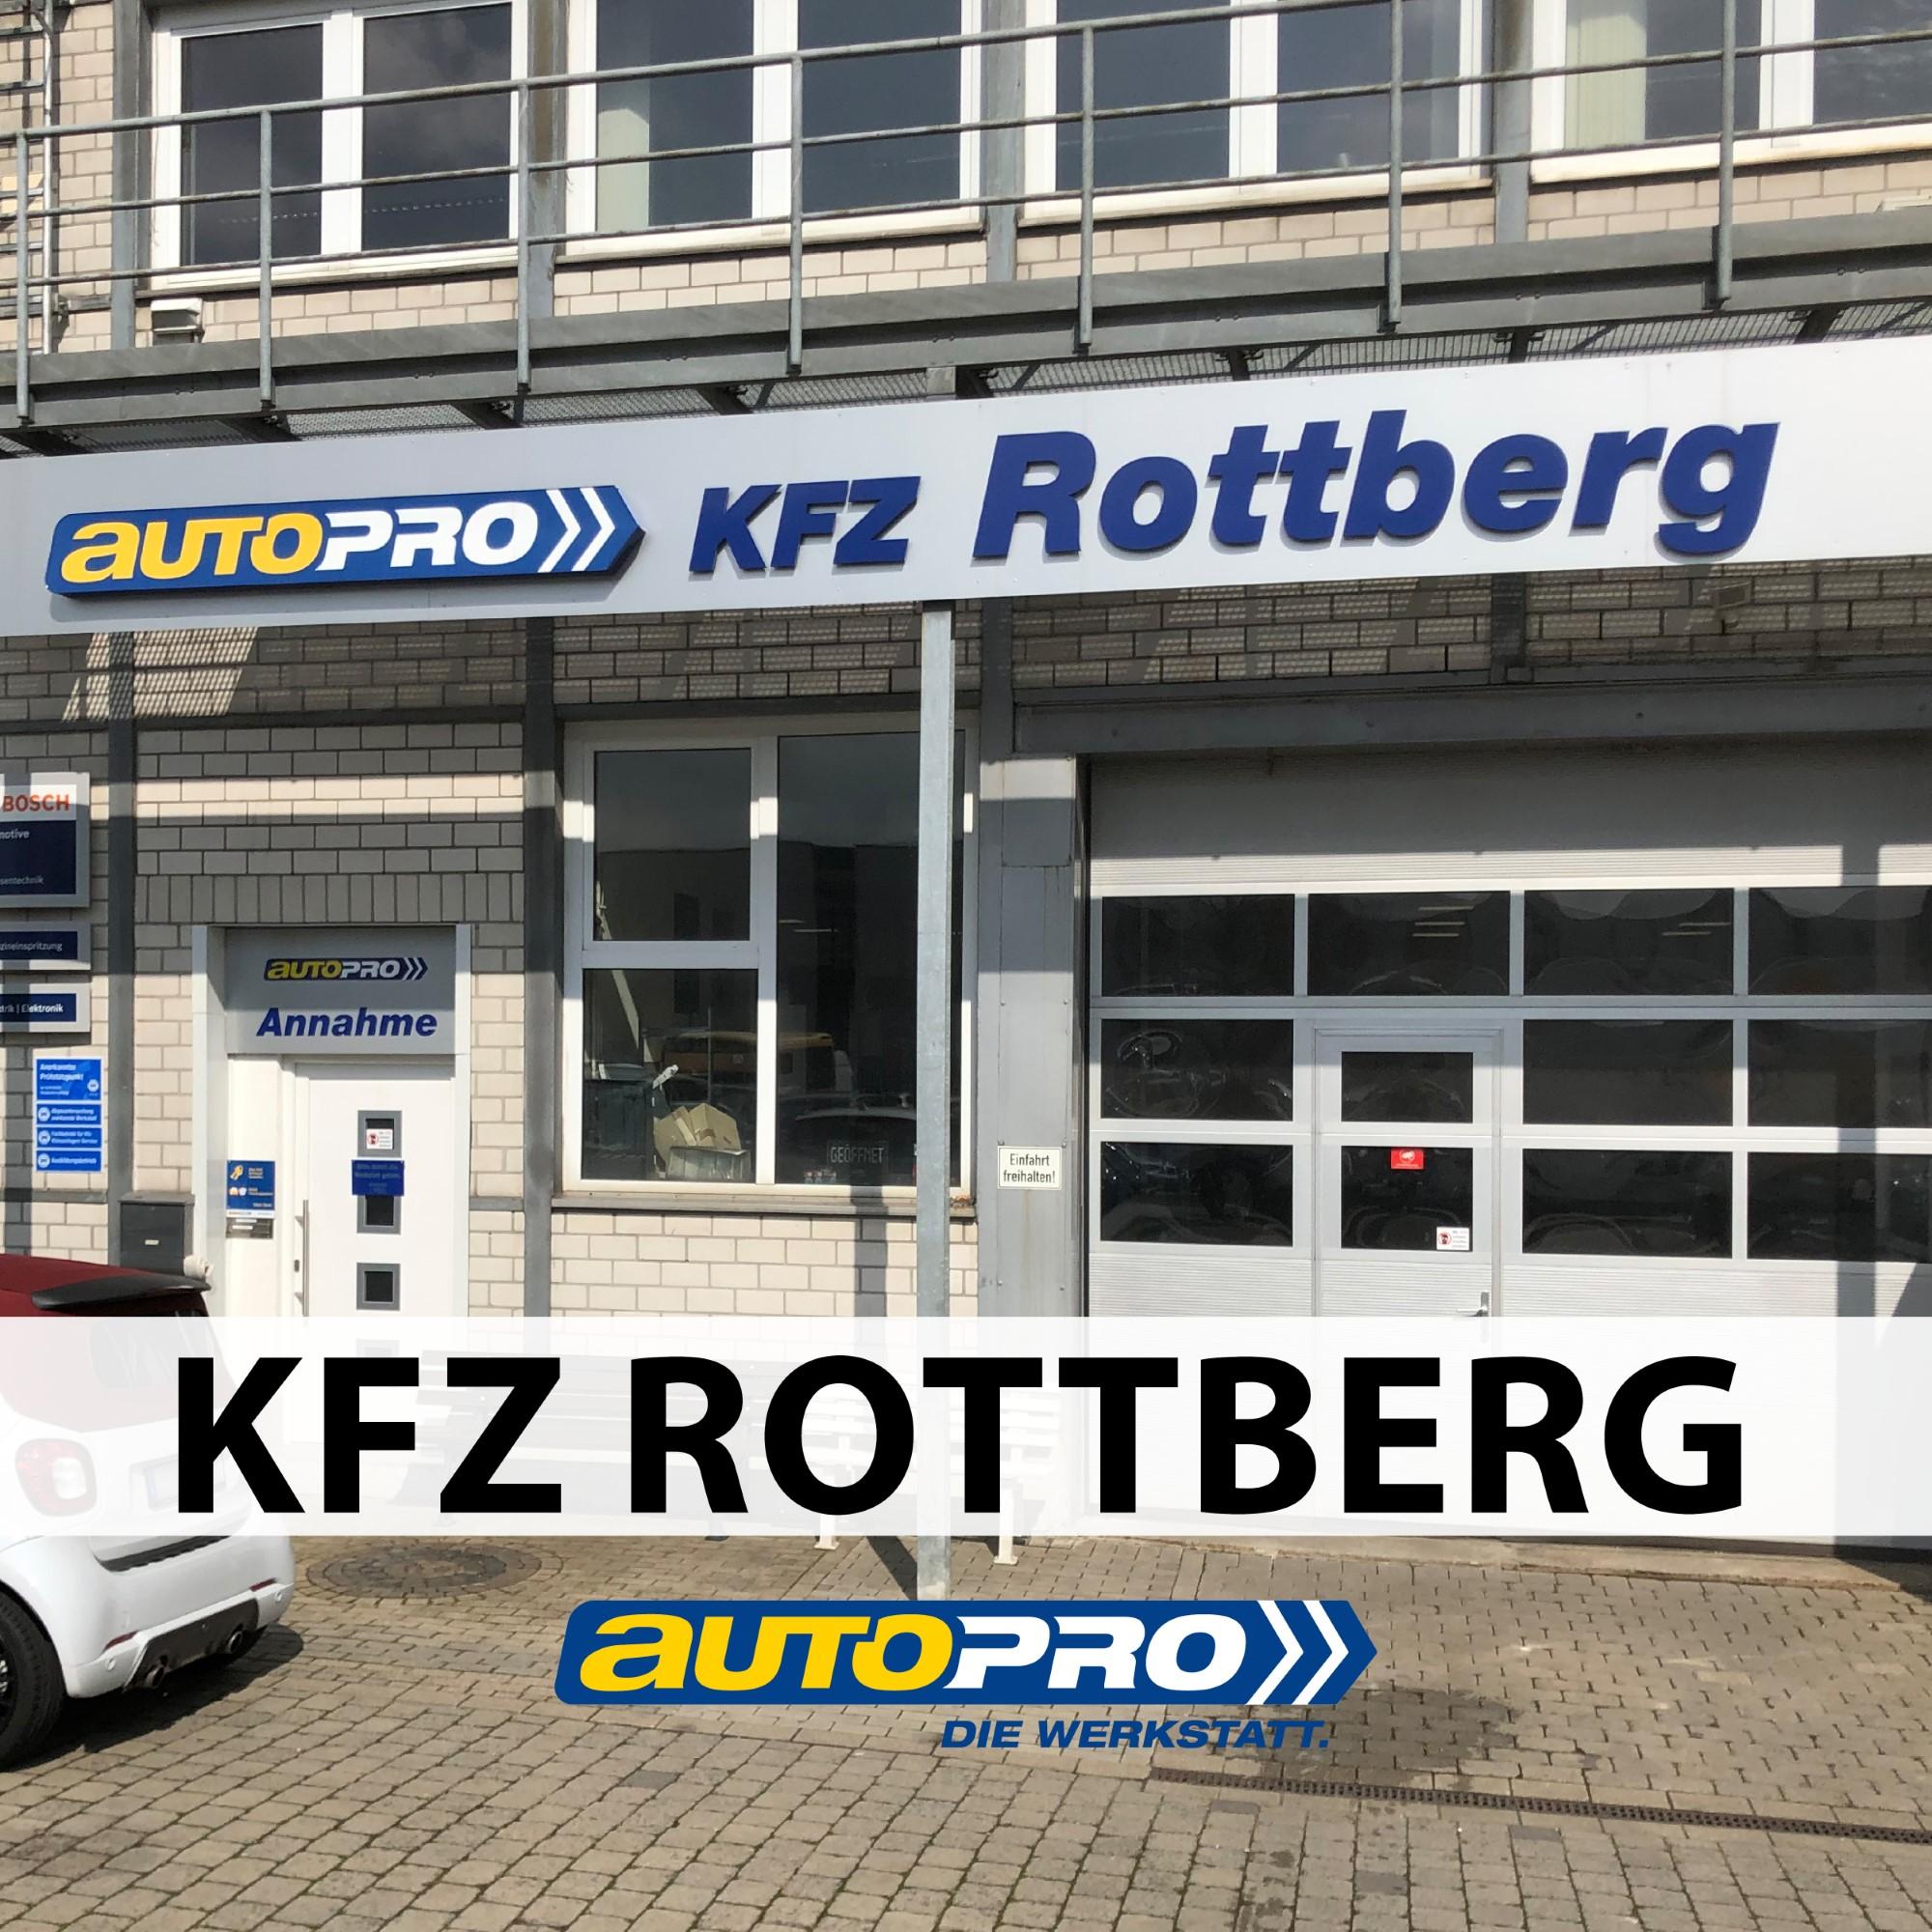 Quick Reifendiscount Wuppertal